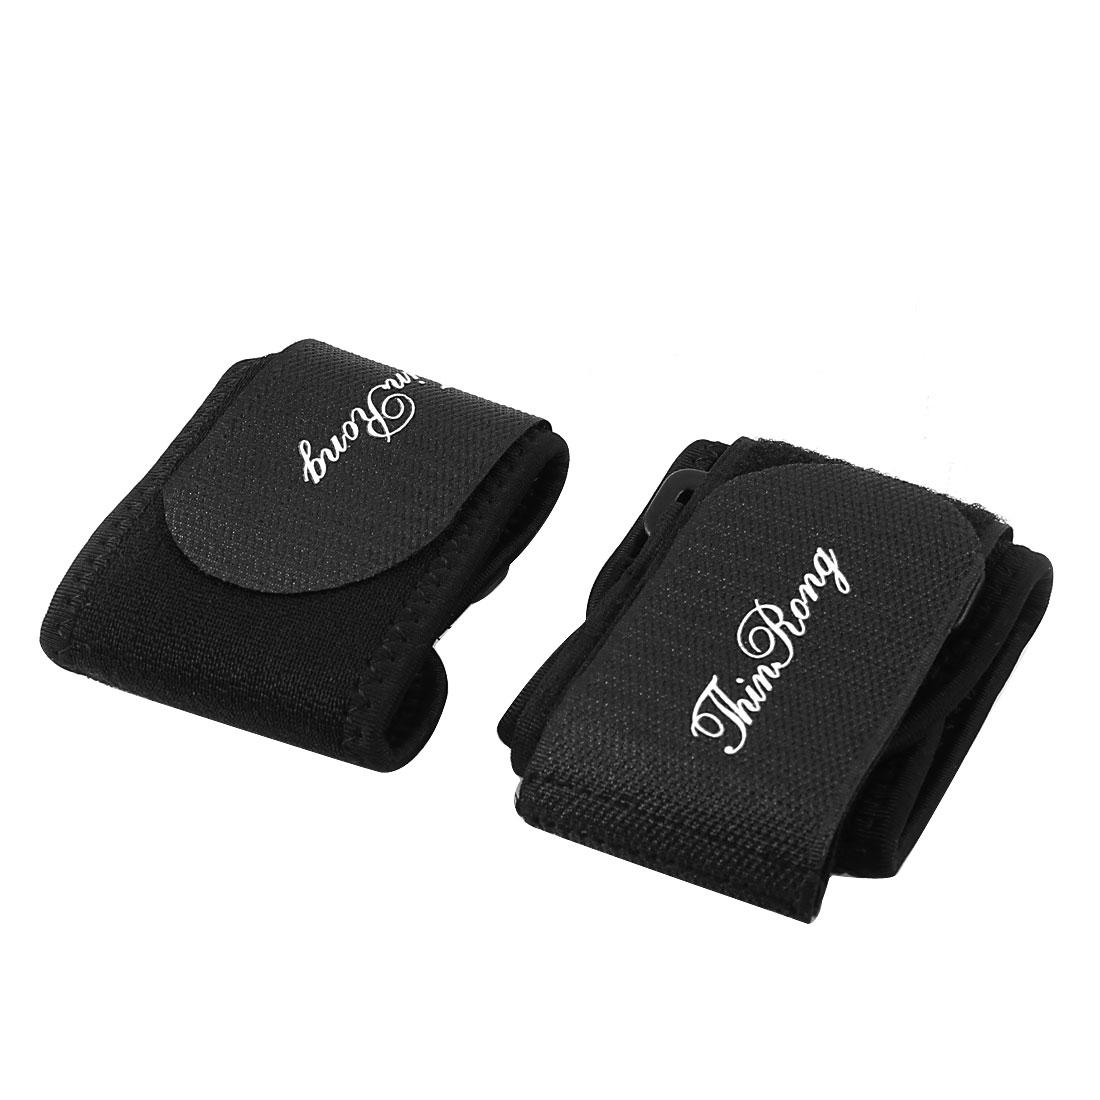 Hook Loop Fastener Neoprene Wrist Support Protector Black 2 Pcs